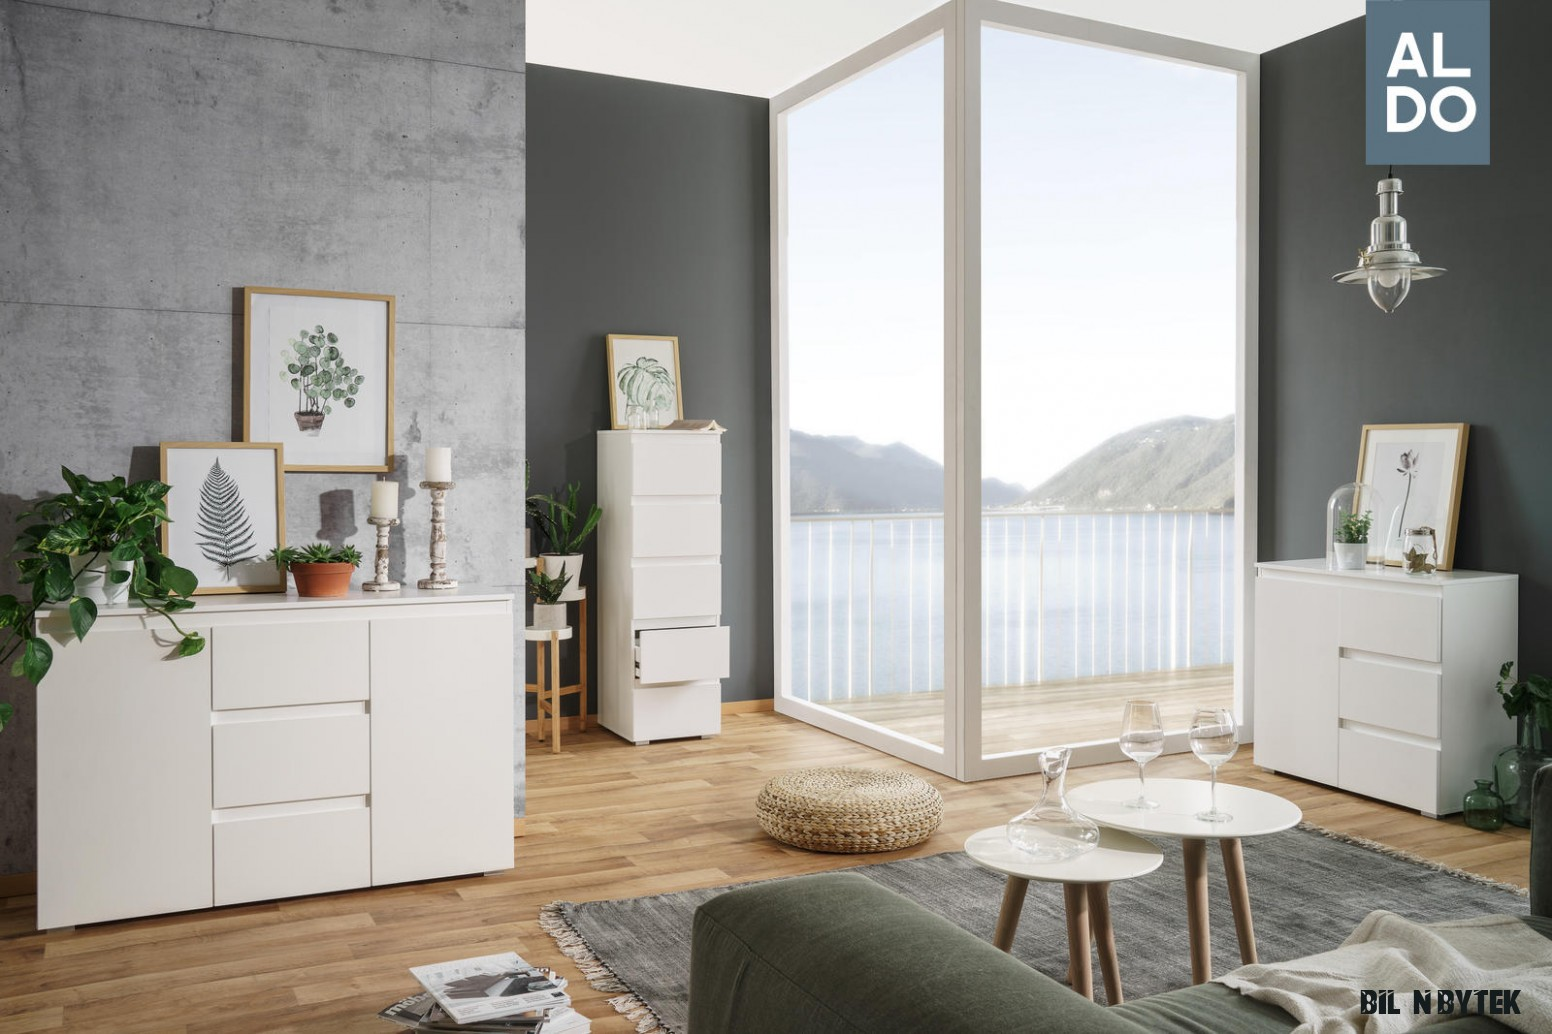 Bílý nábytek do všech interiérů - kolekce Image  Nábytek Aldo